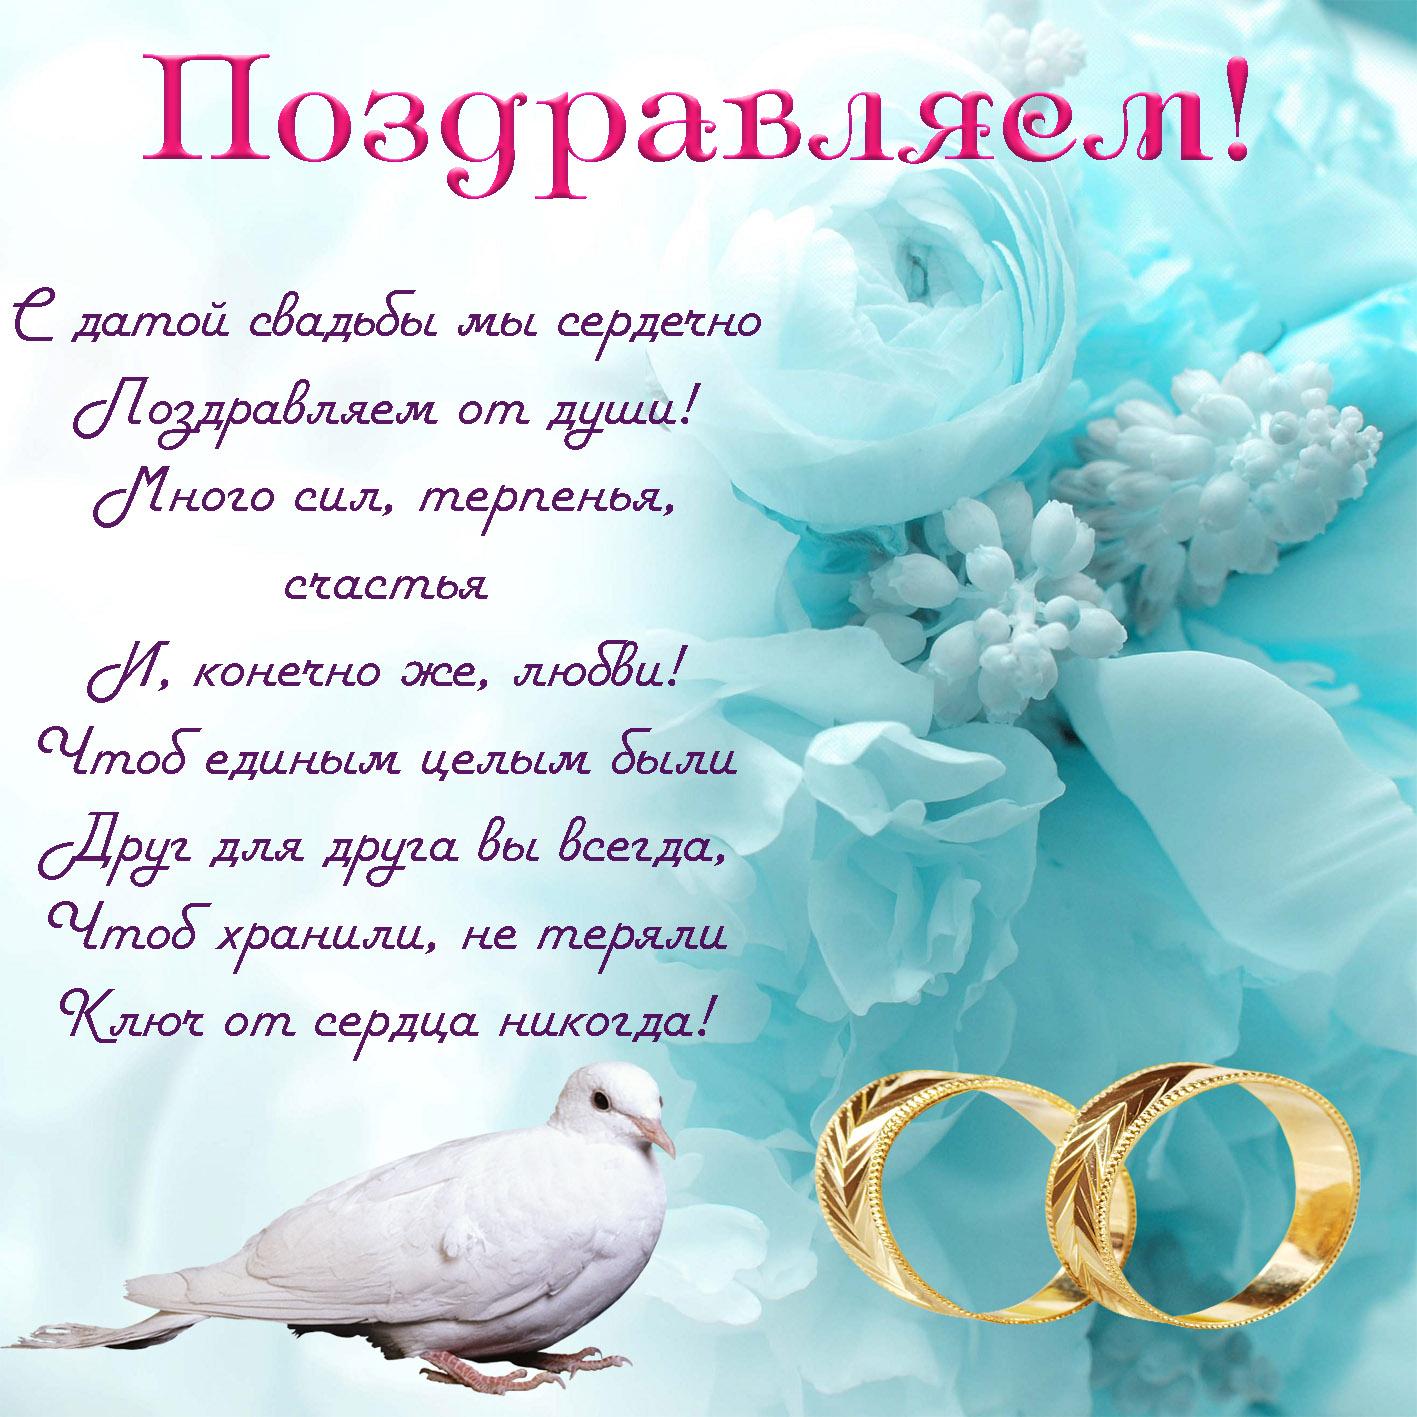 предпоследнее с годовщиной бракосочетания поздравления картинки внимательно следит красавицей-наследницей